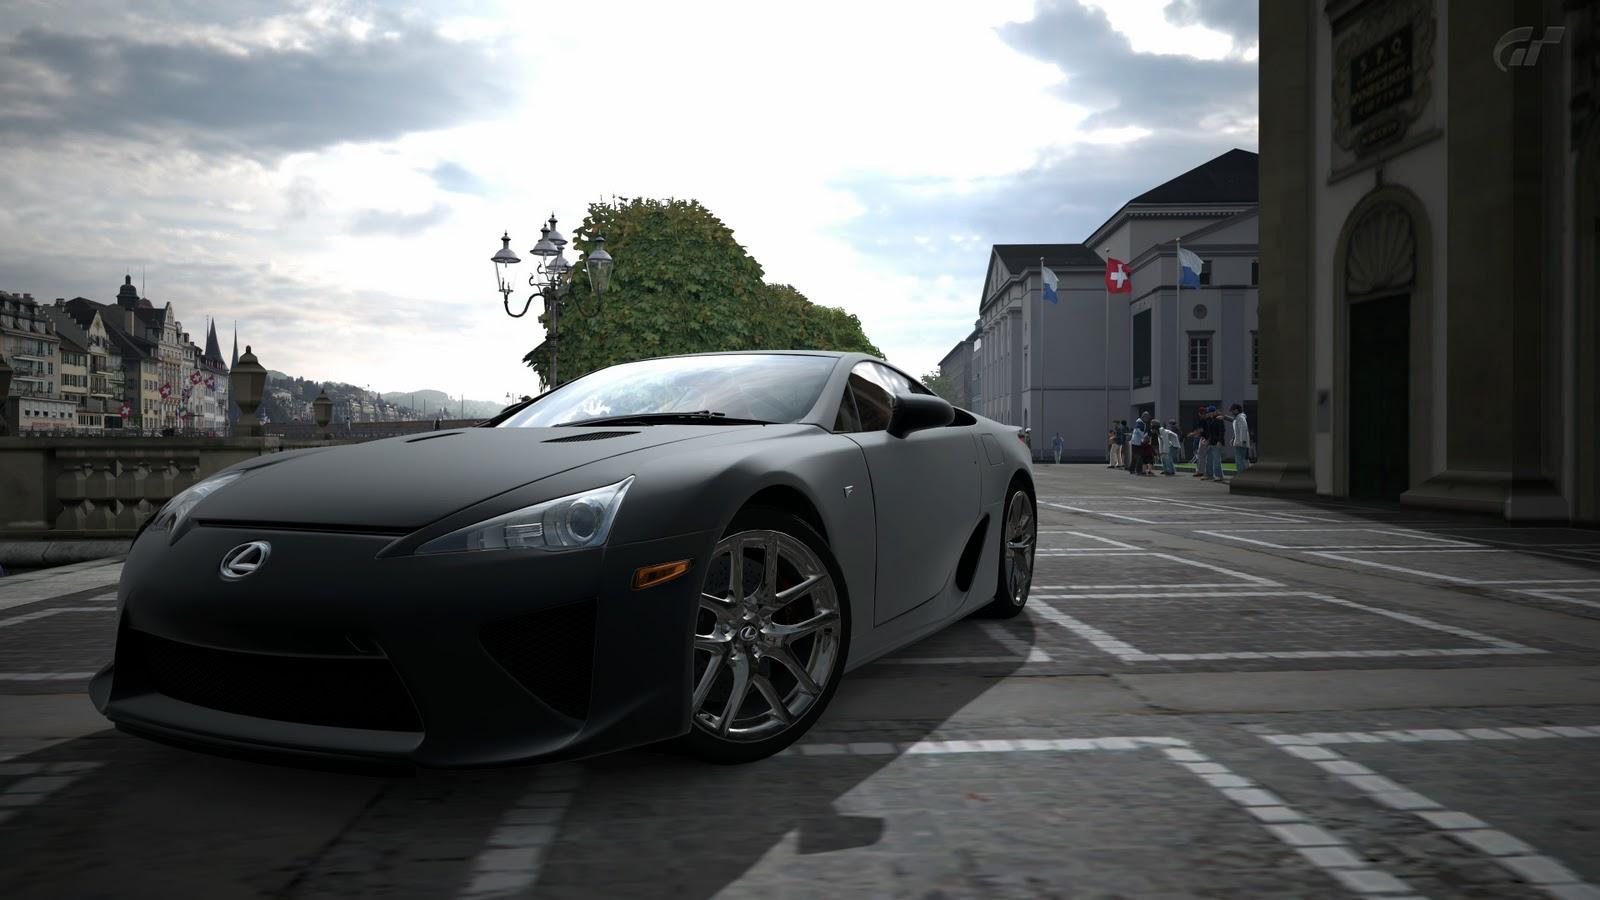 Fast Five Cars Lexus Lfa Fasr Car Advanceautocars 169555 Wallpaper